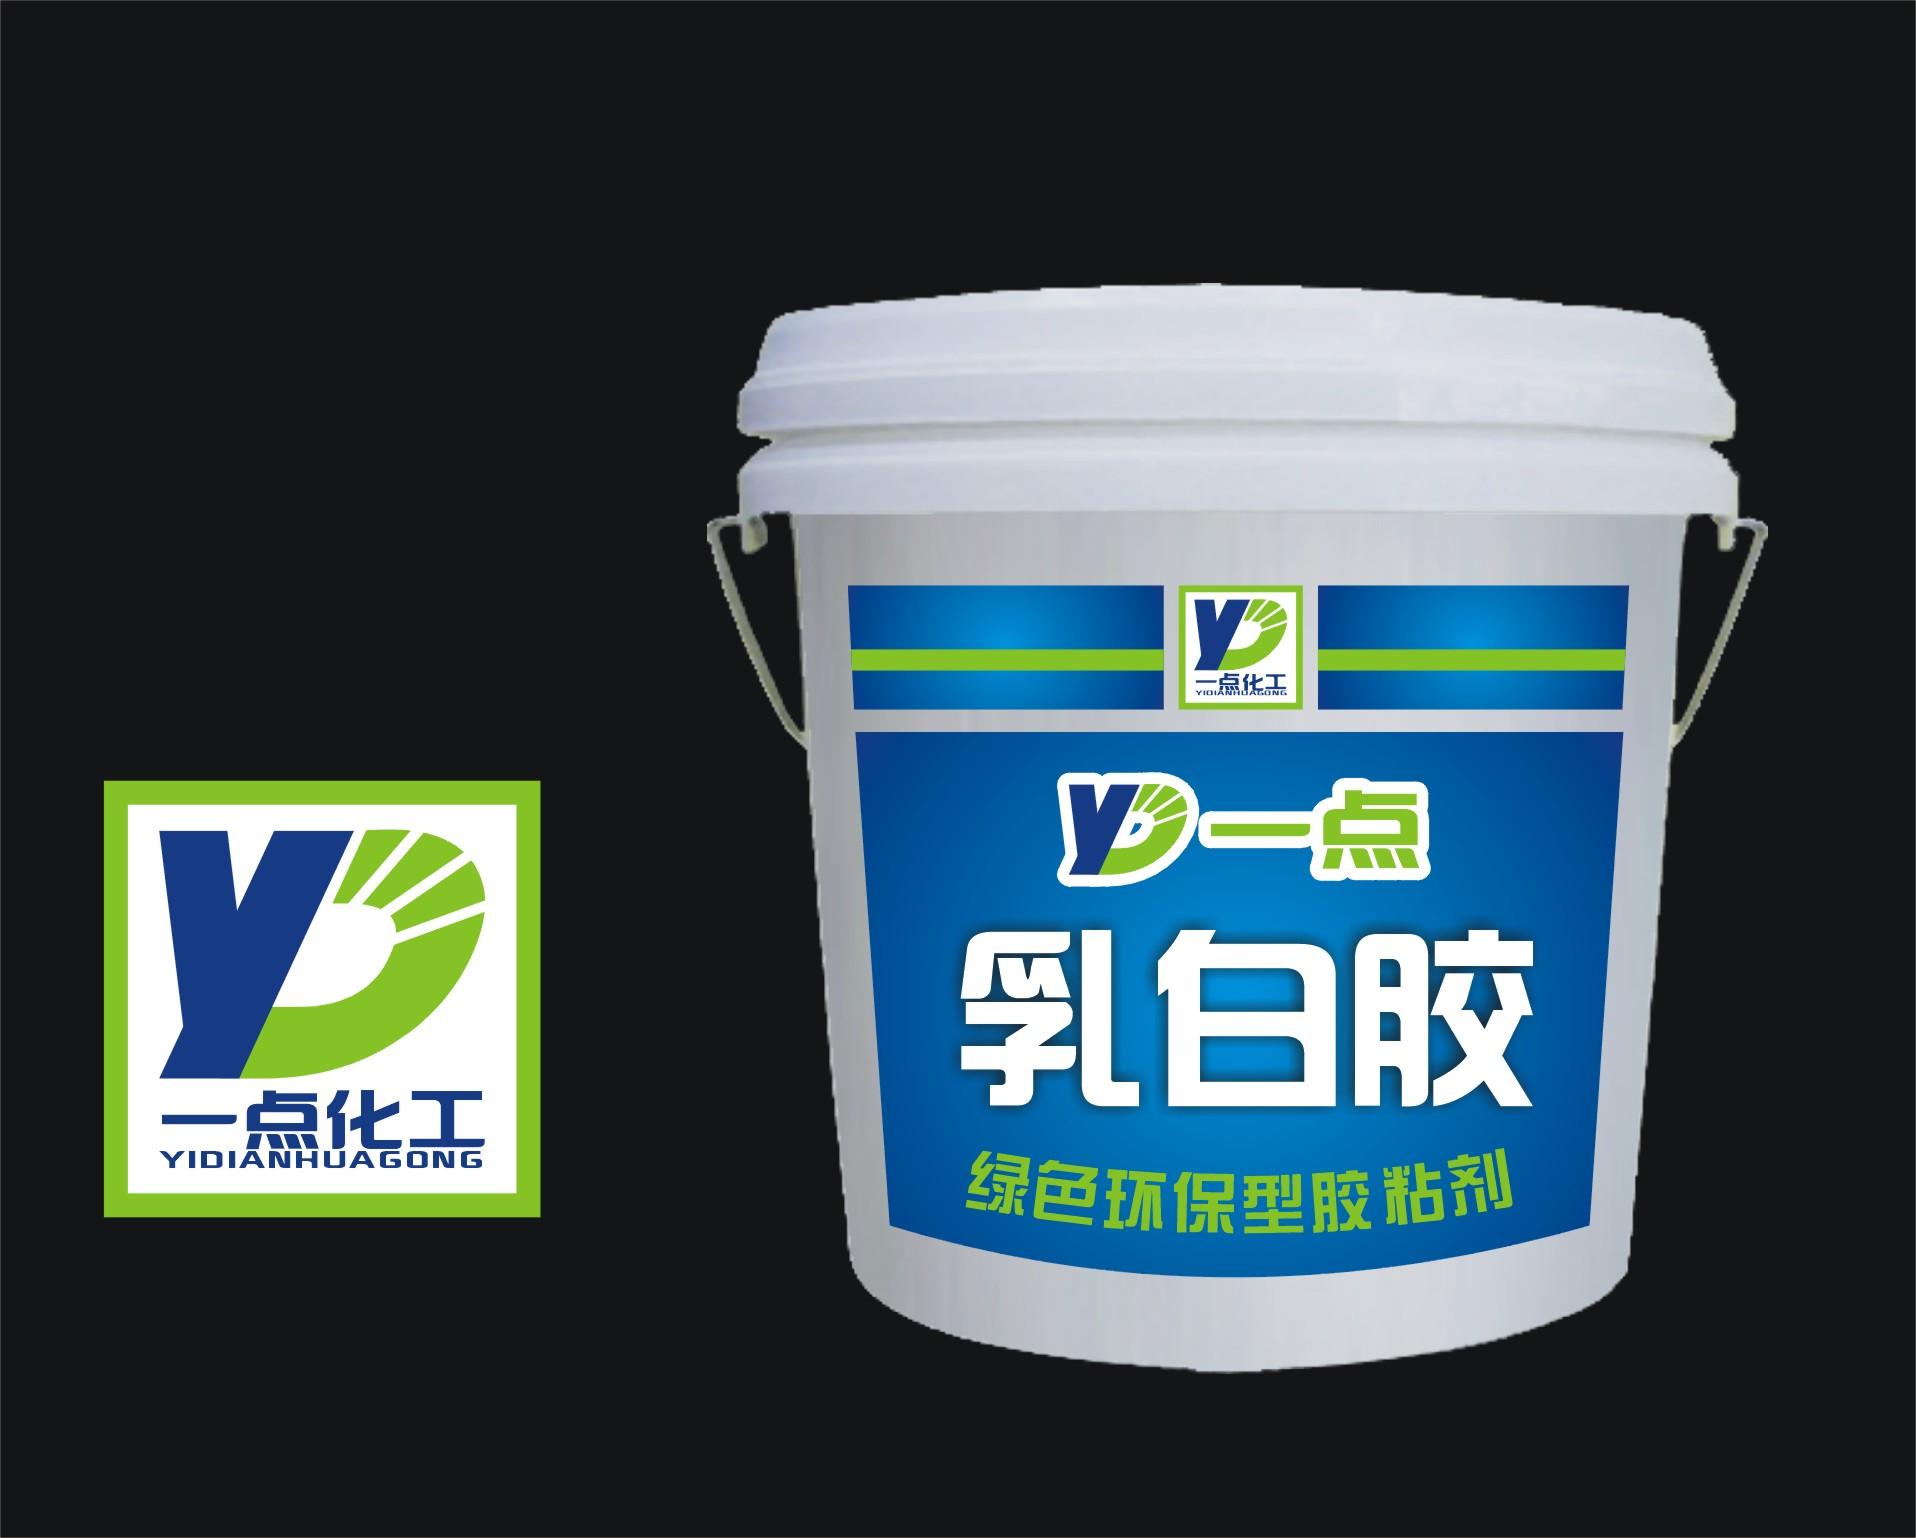 乳白胶塑料桶外包装设计